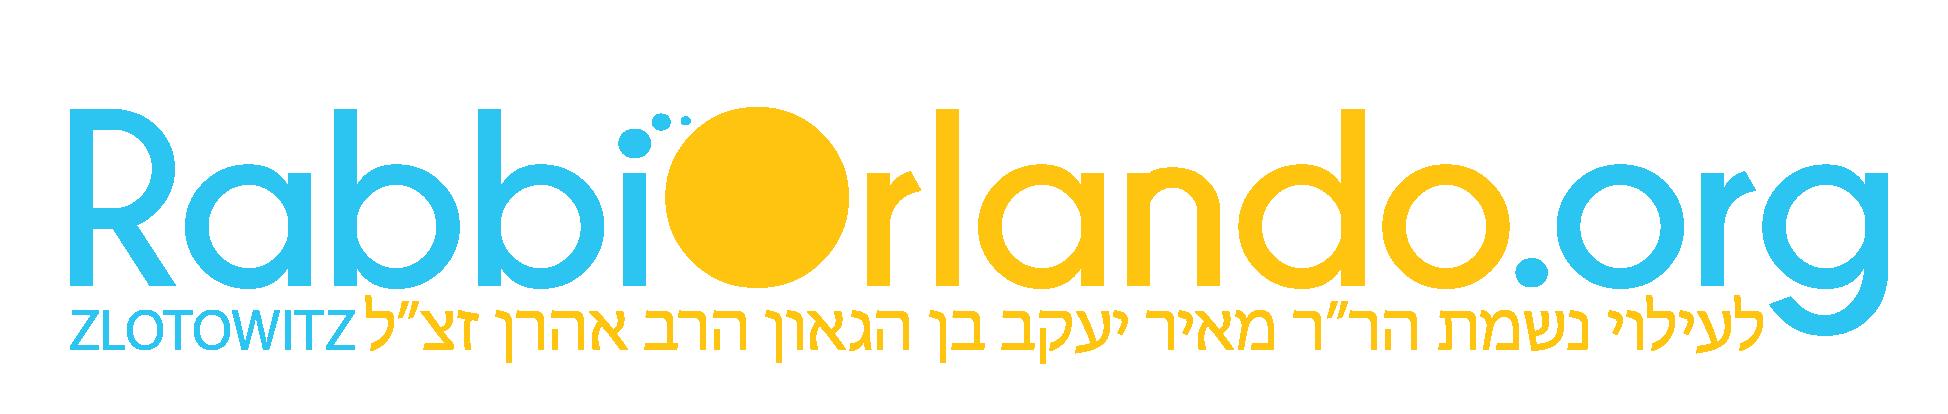 Rabbi Orlando